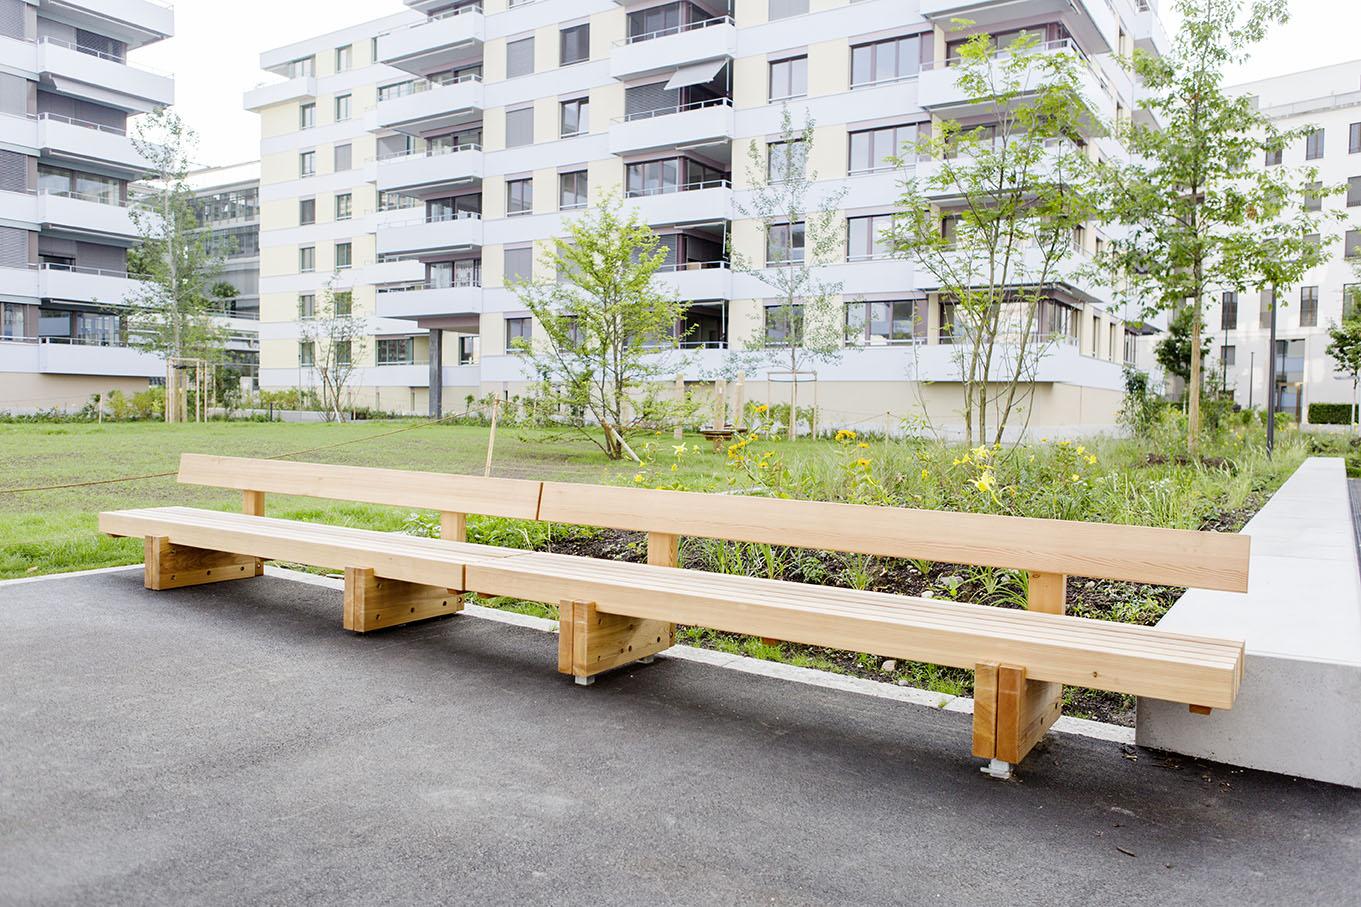 180704_Richard-Gartenbau_Wallisellen_Glattgarten_0013